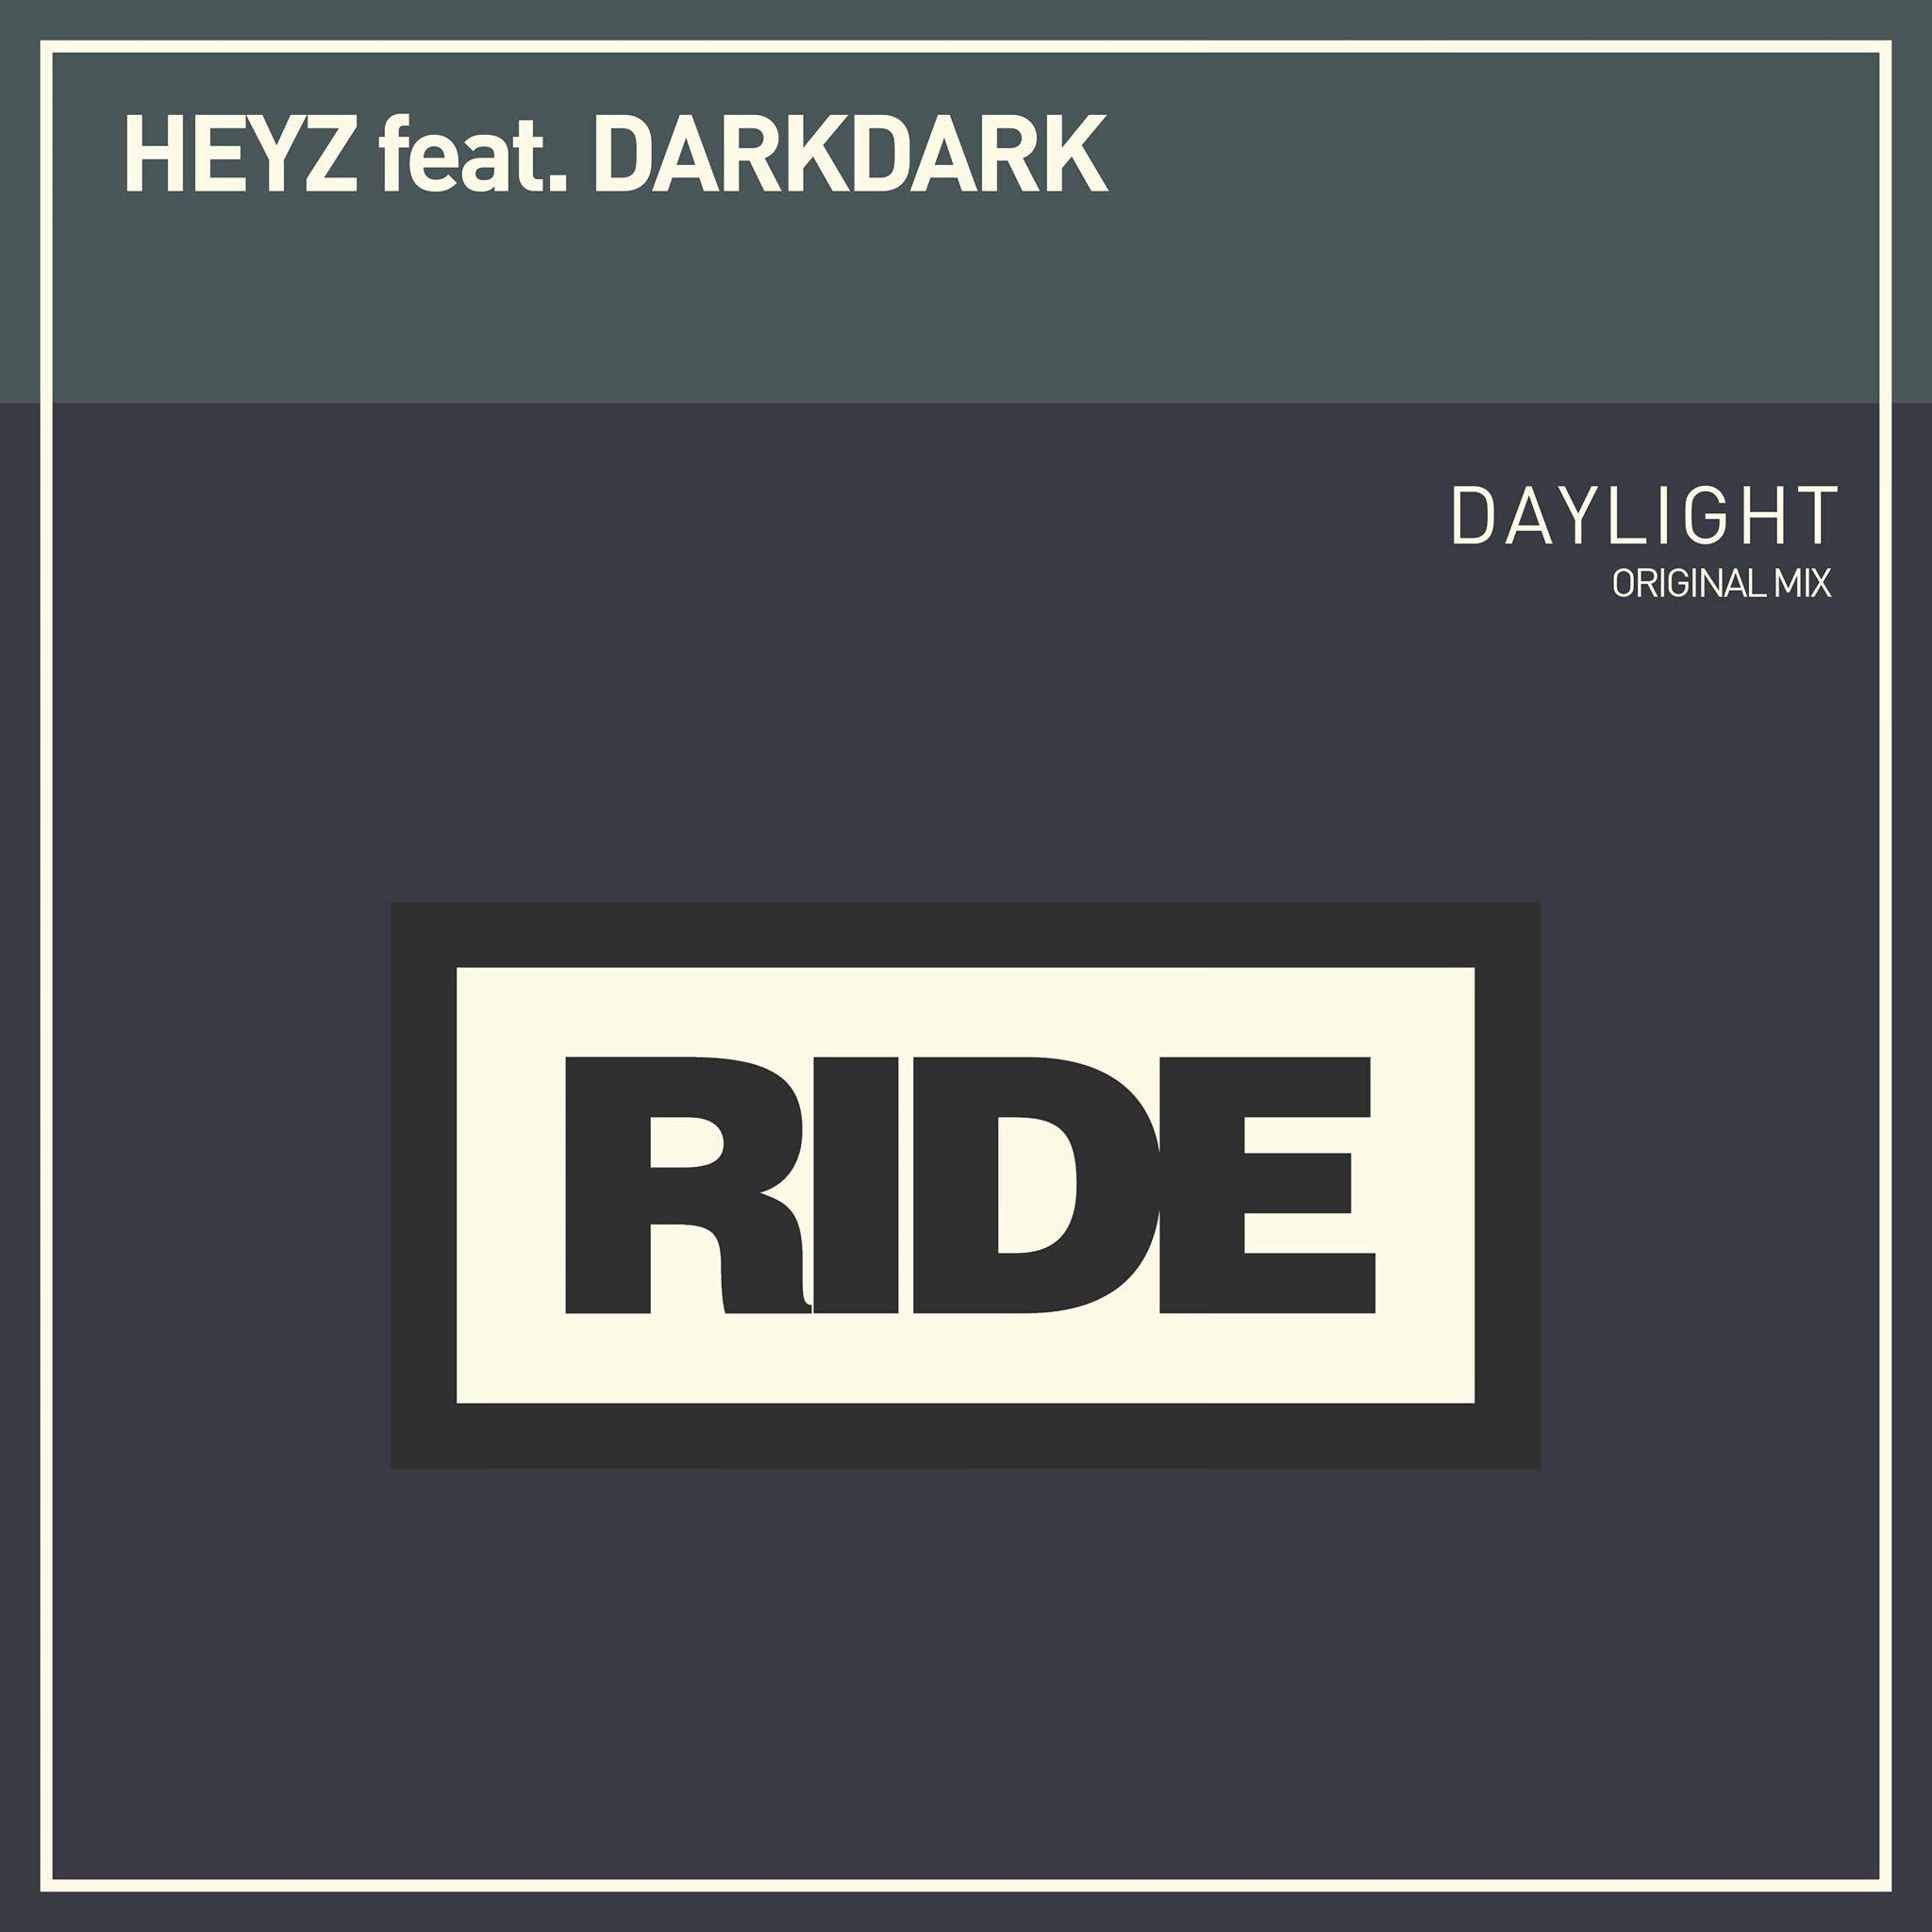 Daylight Heyz ft darkdark